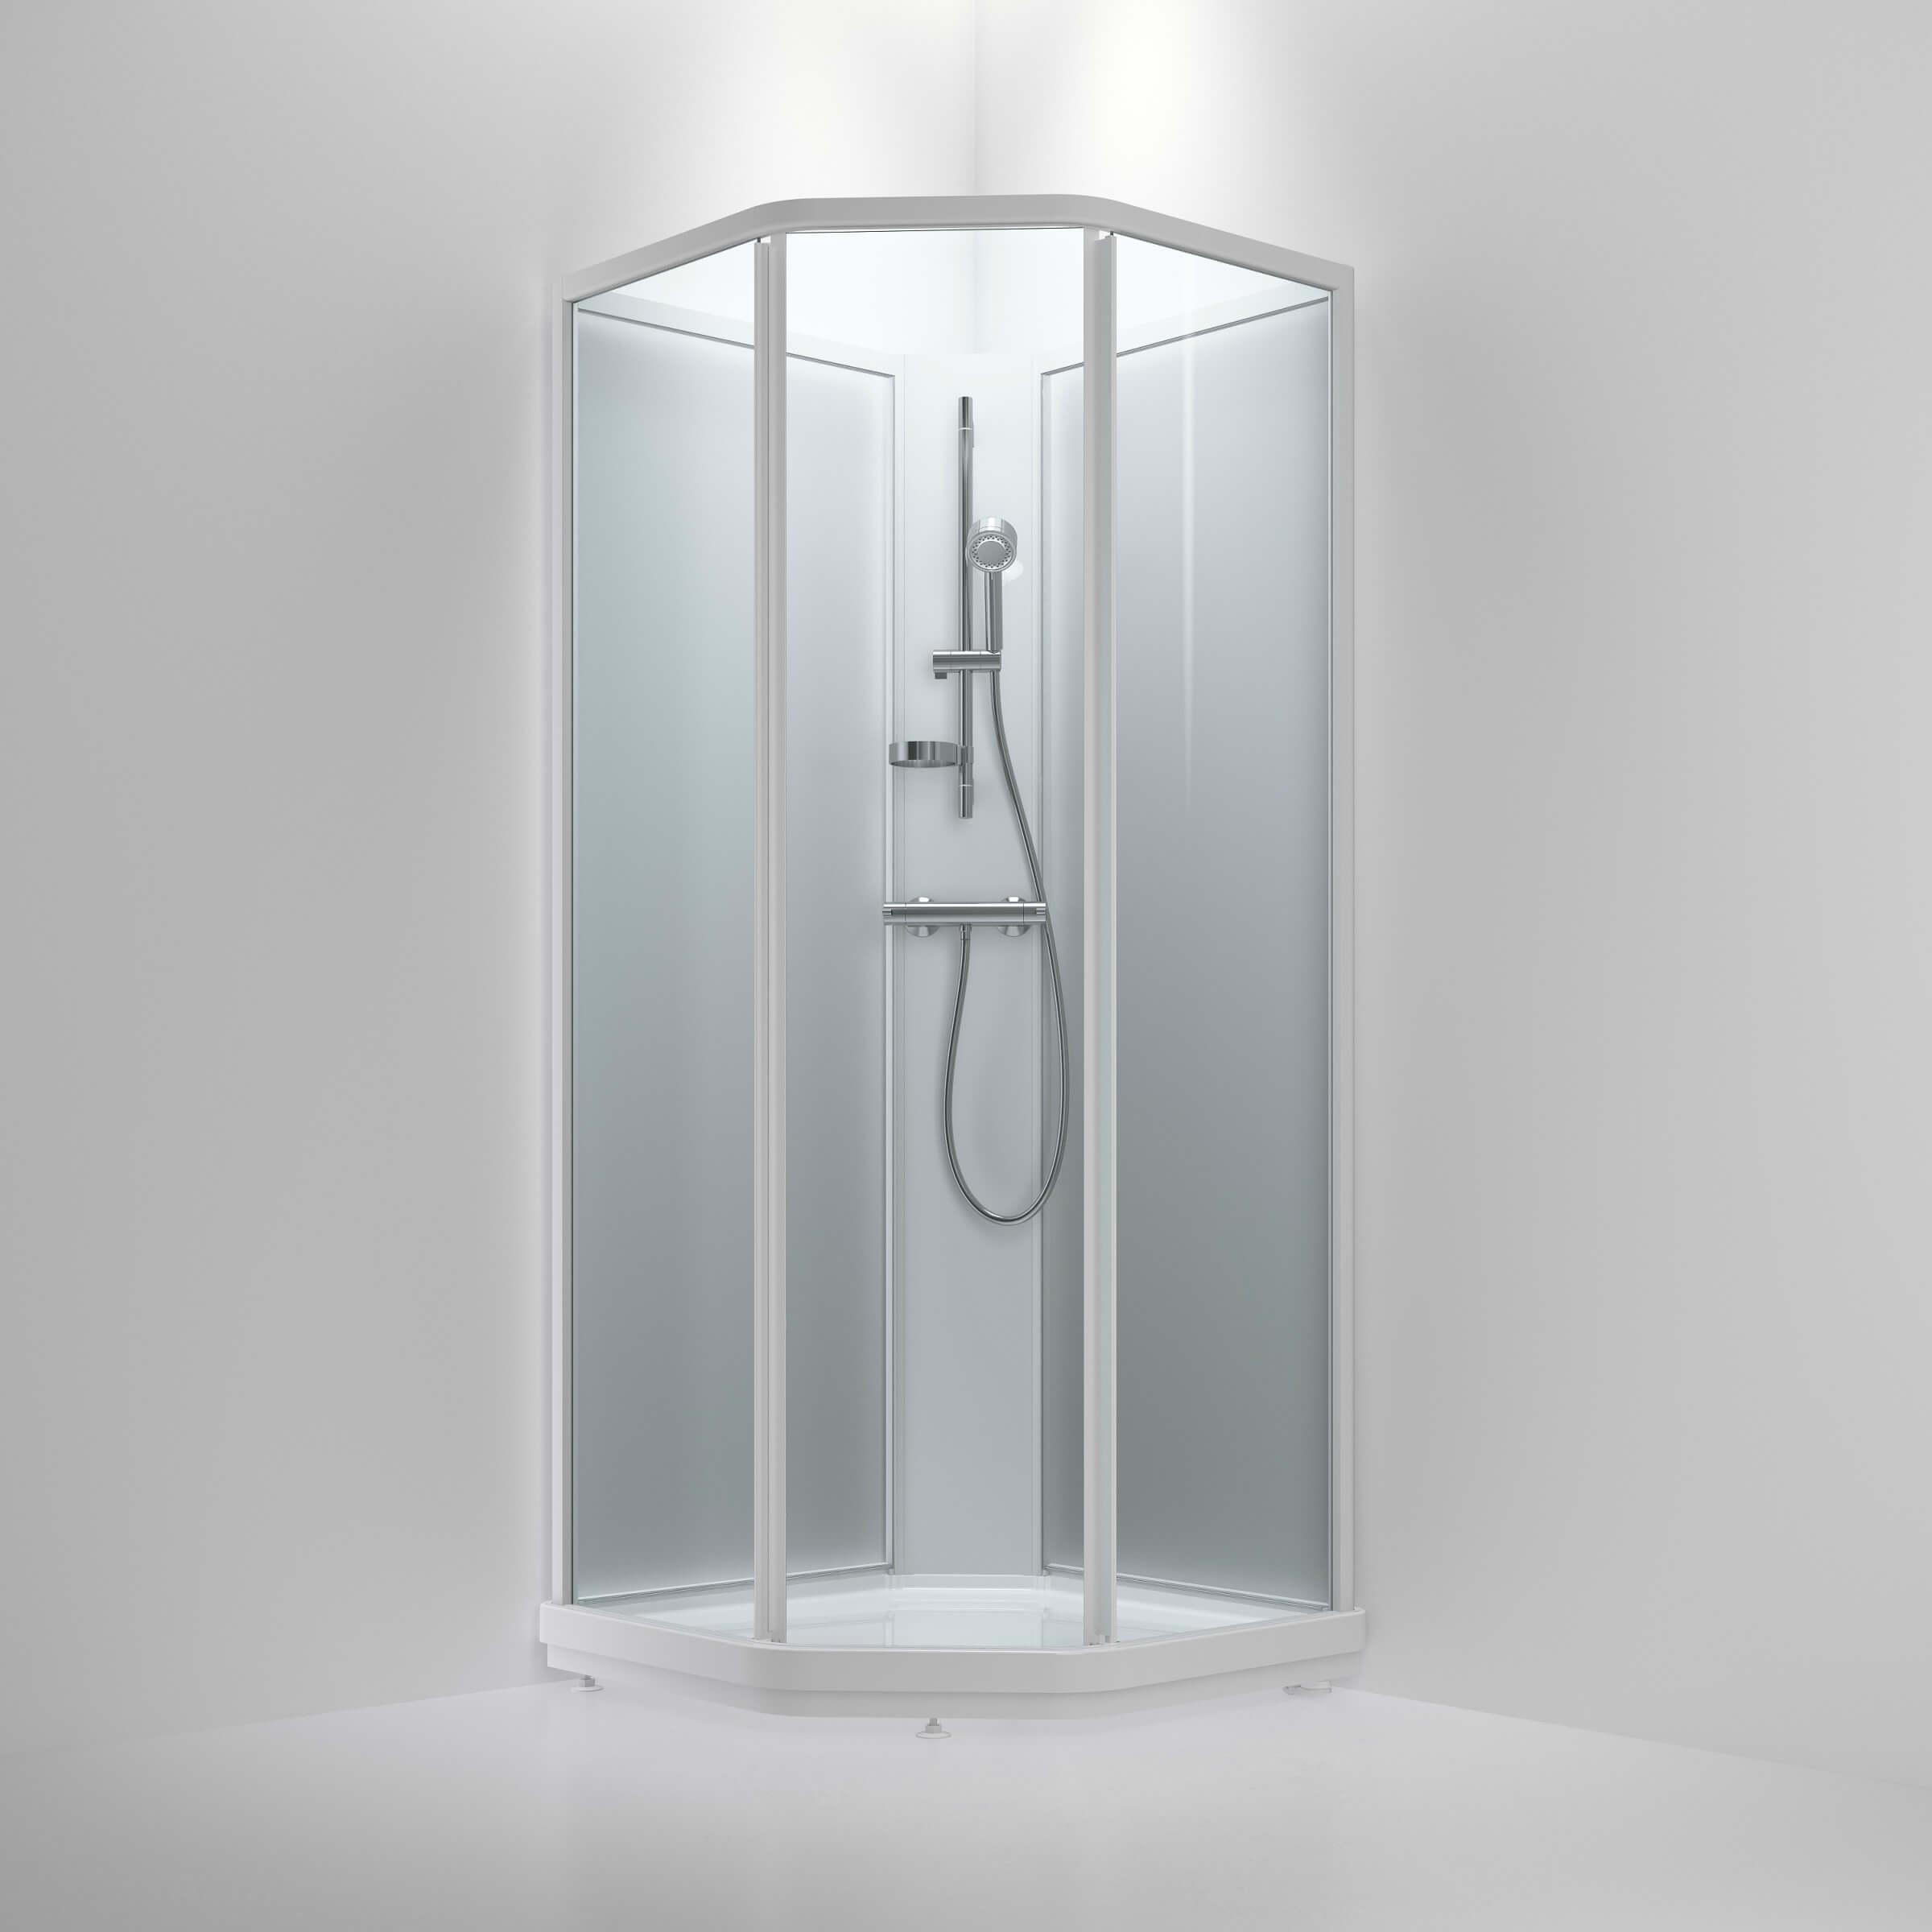 Superbly Bruseløsninger til badeværelset - Guide til brusekabiner NS11